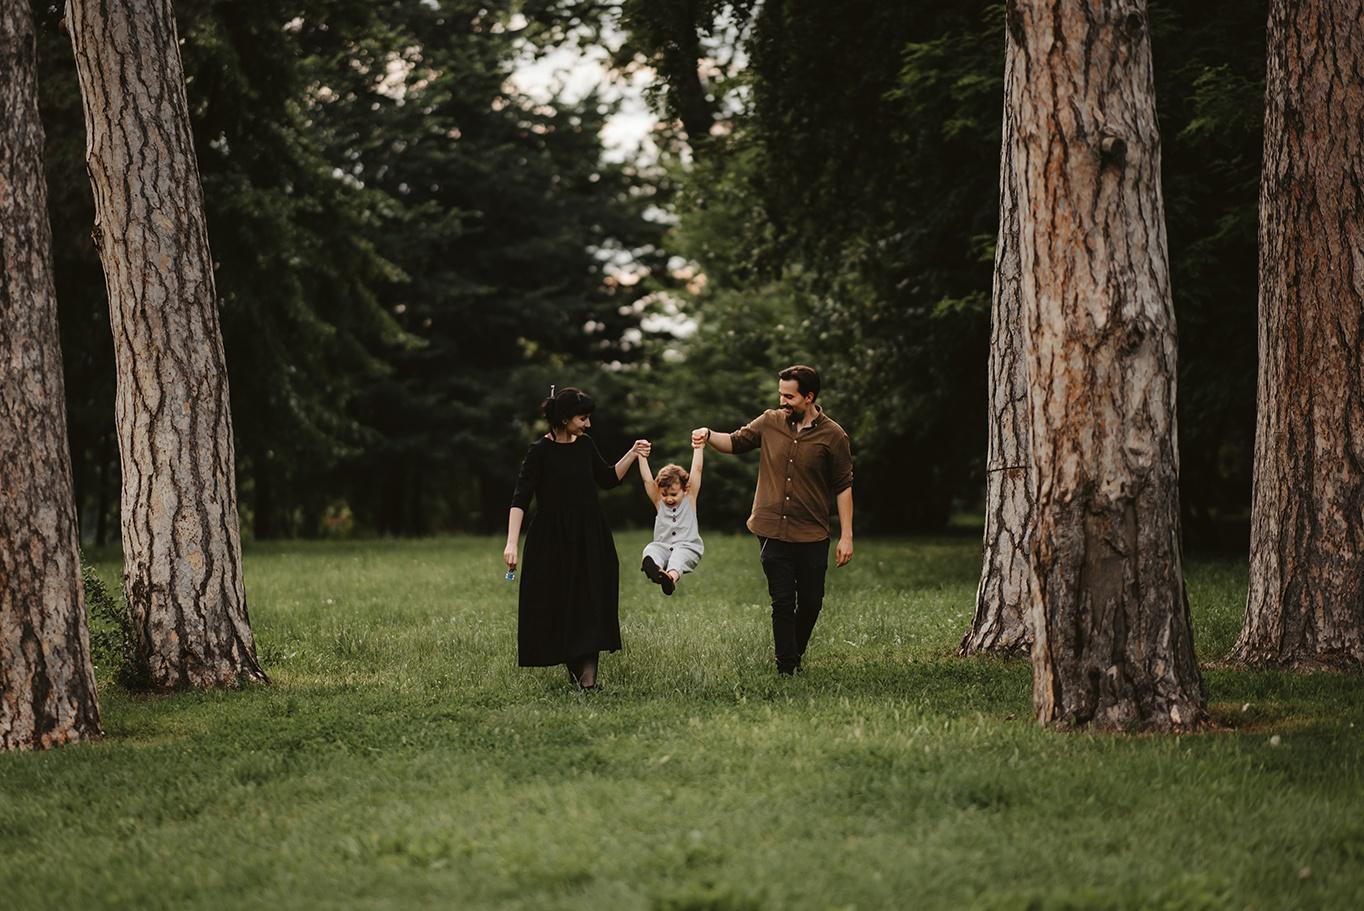 fotograf-nunta-fotografie-lifestyle-bucuresti-romania